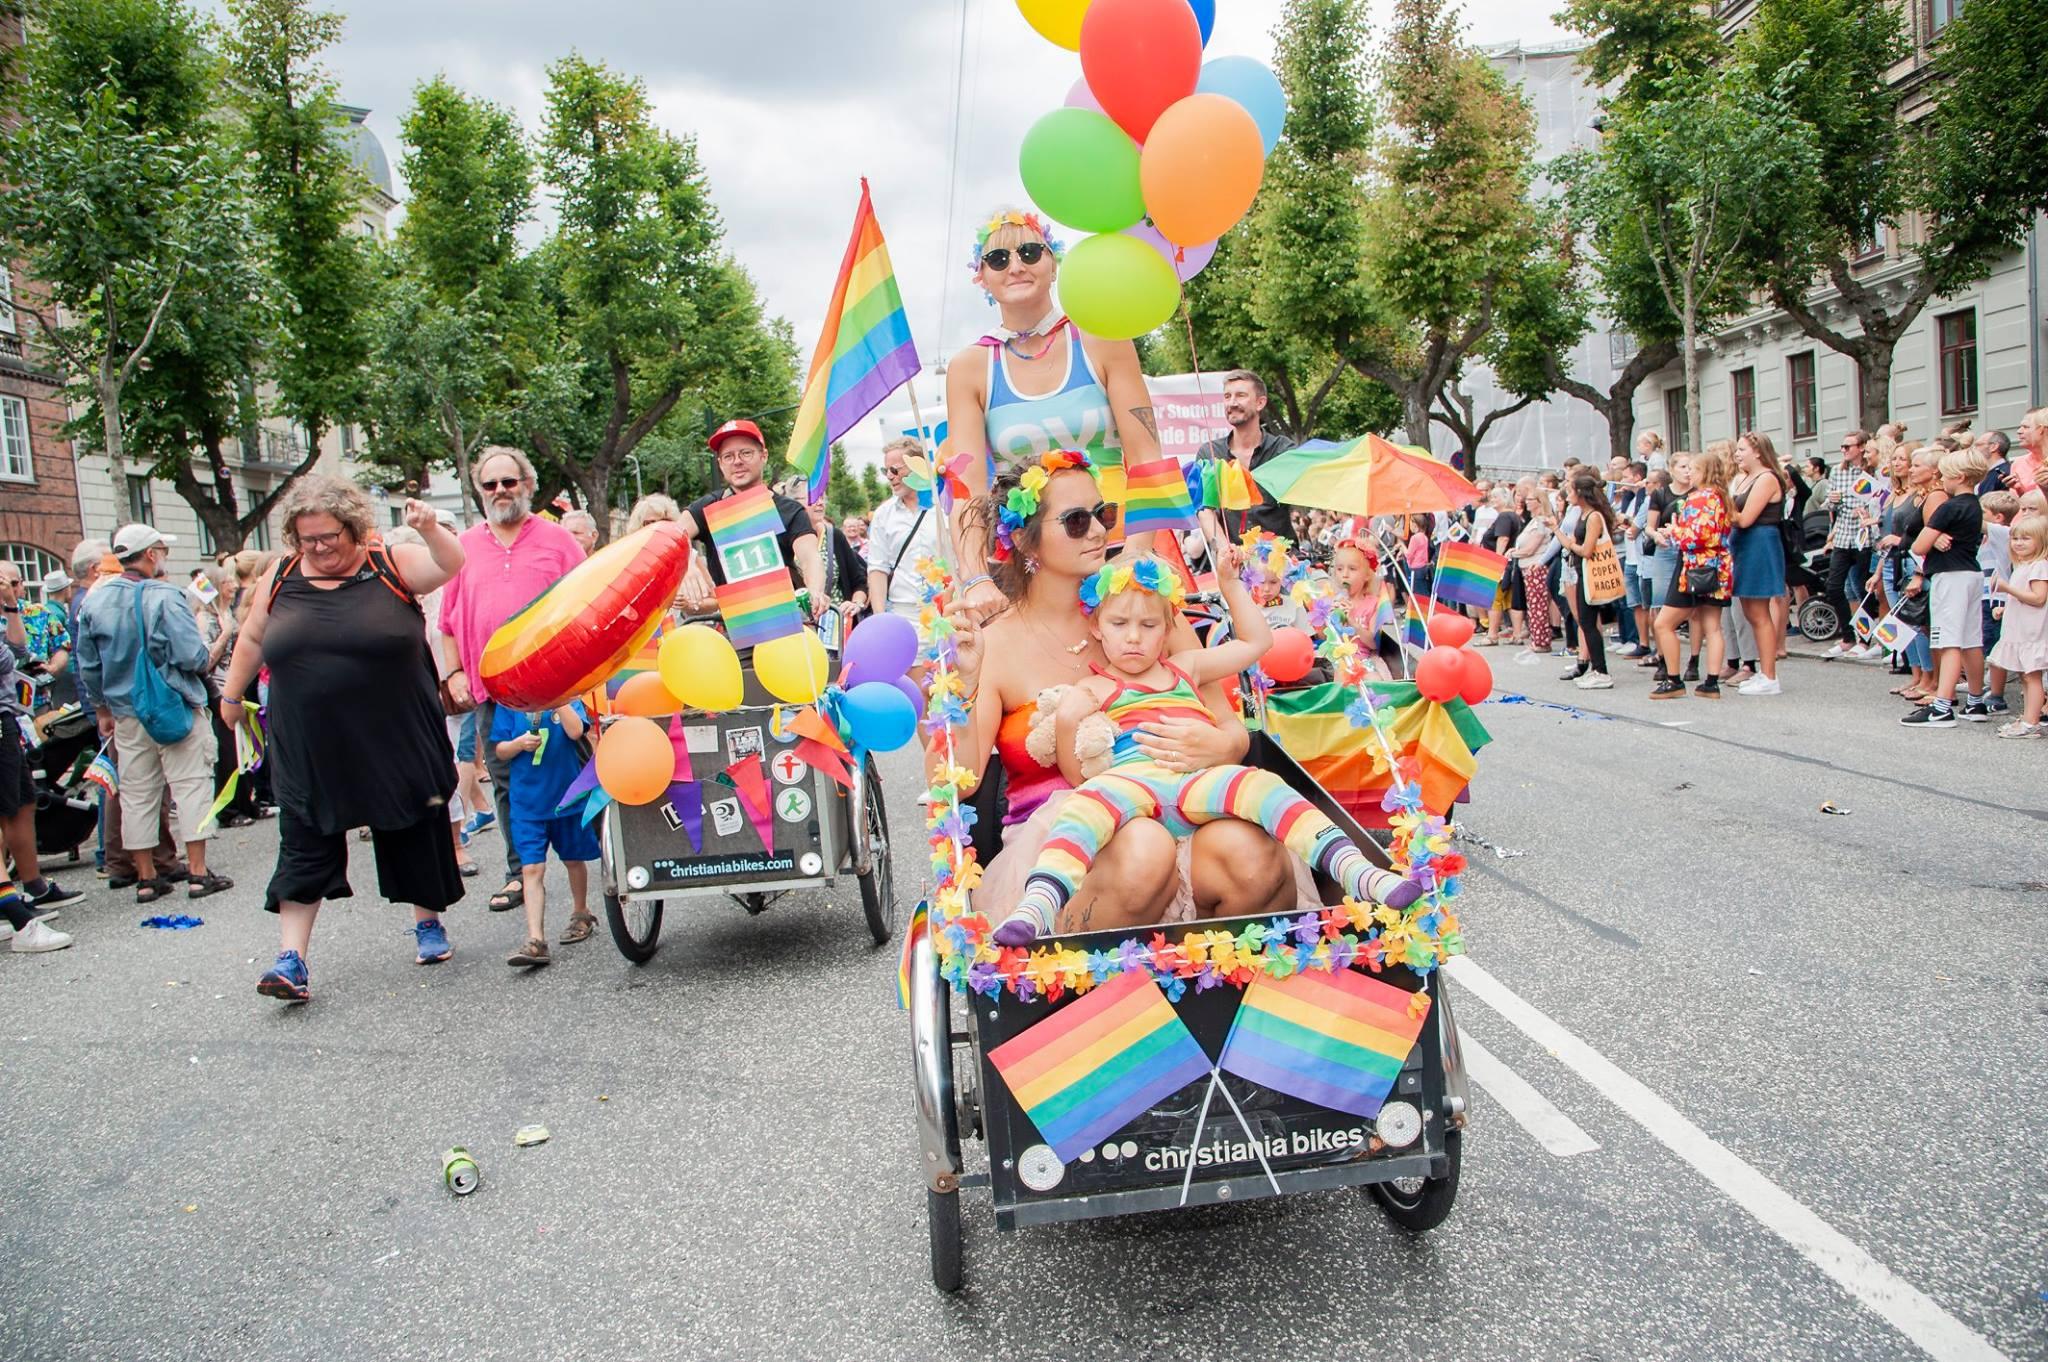 pride, copenhagen pride parade, parade, mangfoldighed, sommer, kærlighed, ligestilling